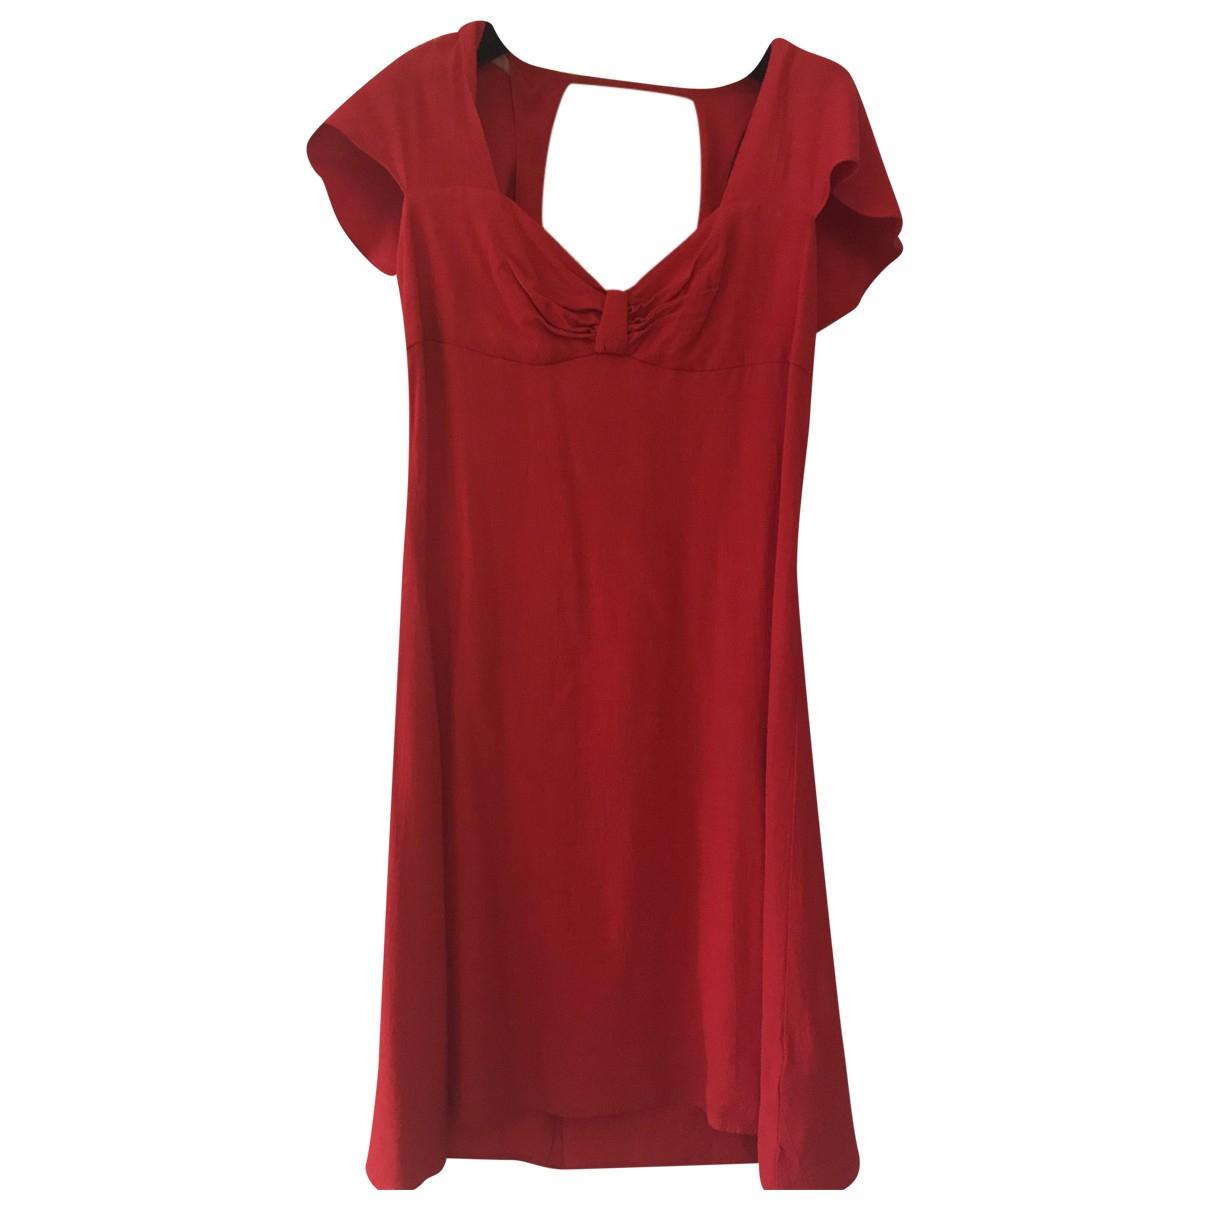 Tophop \N Kleid in  Rot Viskose